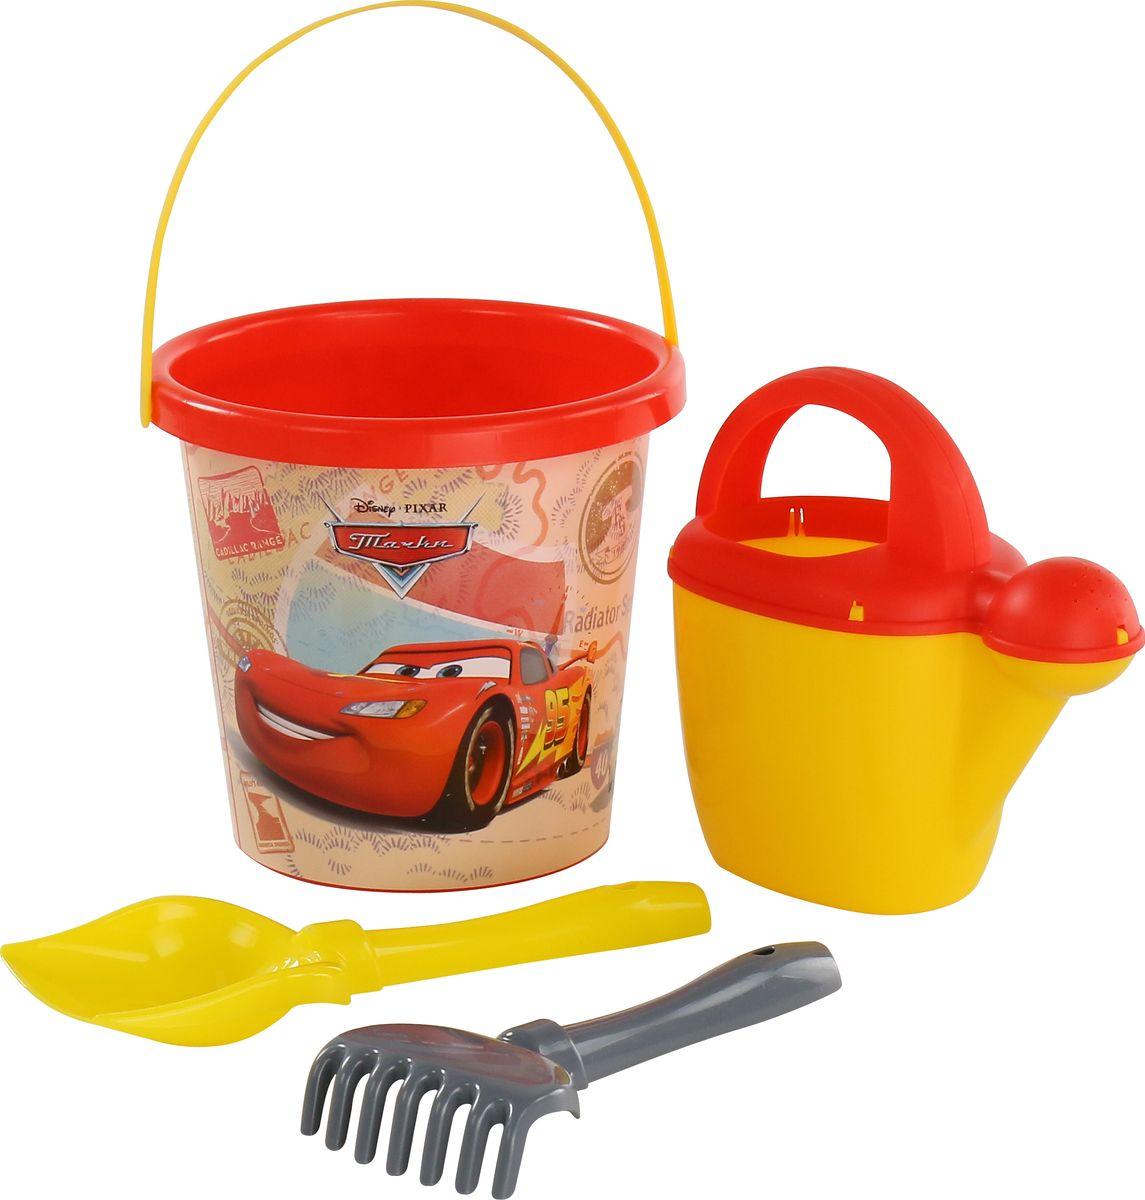 Disney / Pixar Набор игрушек для песочницы Тачки №17 disney pixar набор игрушек для песочницы тачки 18